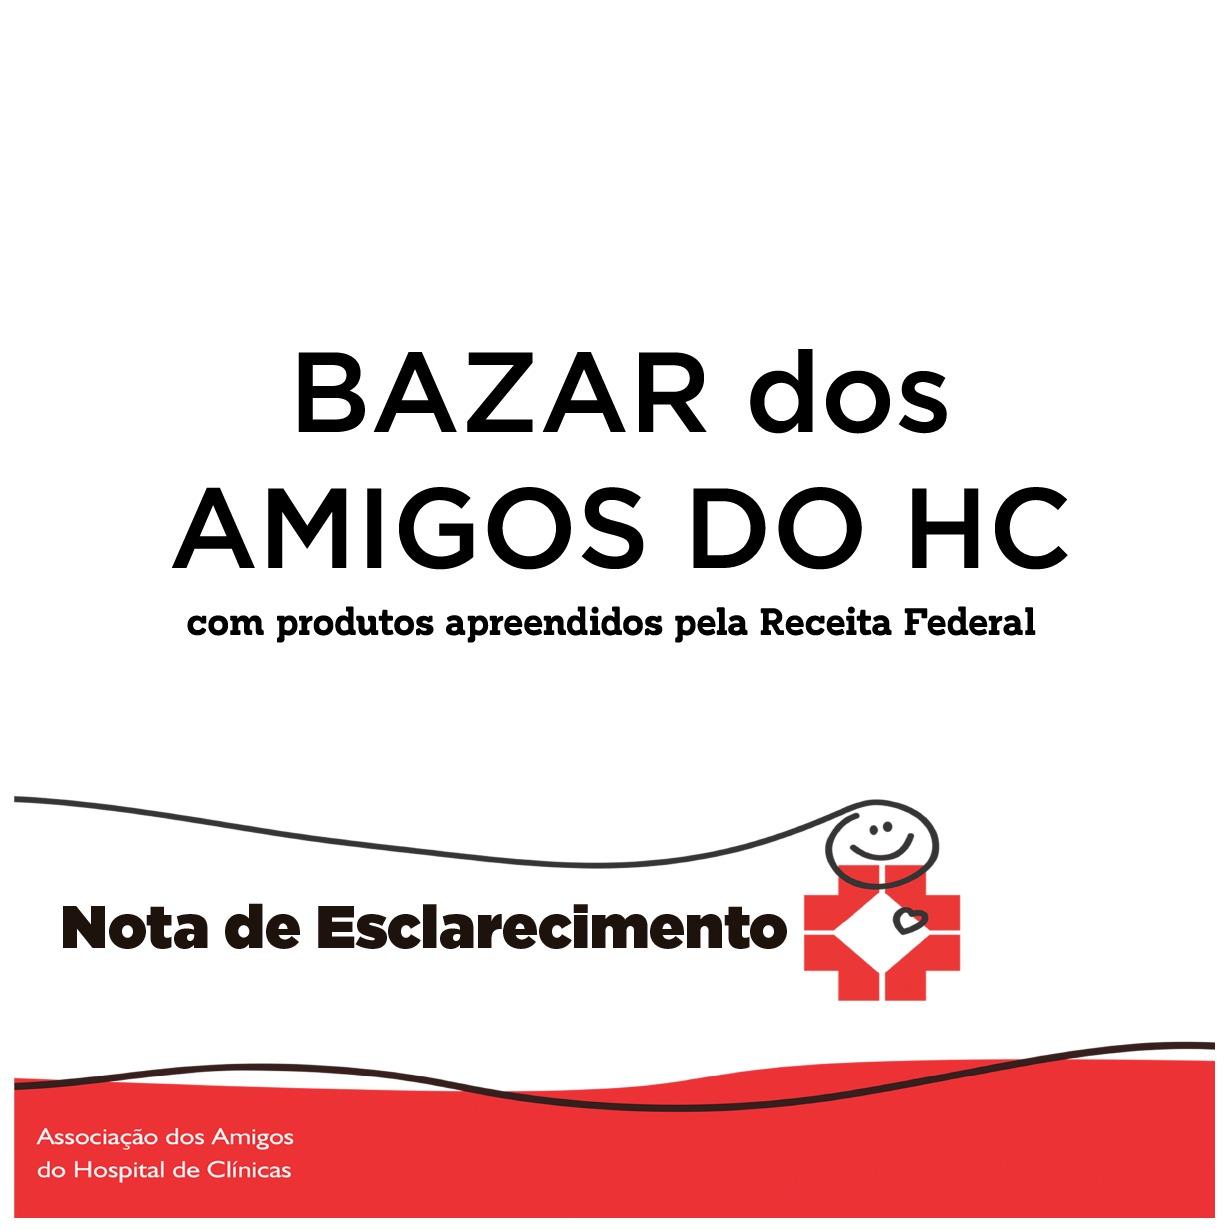 Amigos do HC suspendem bazar com produtos apreendidos pela Receita Federal